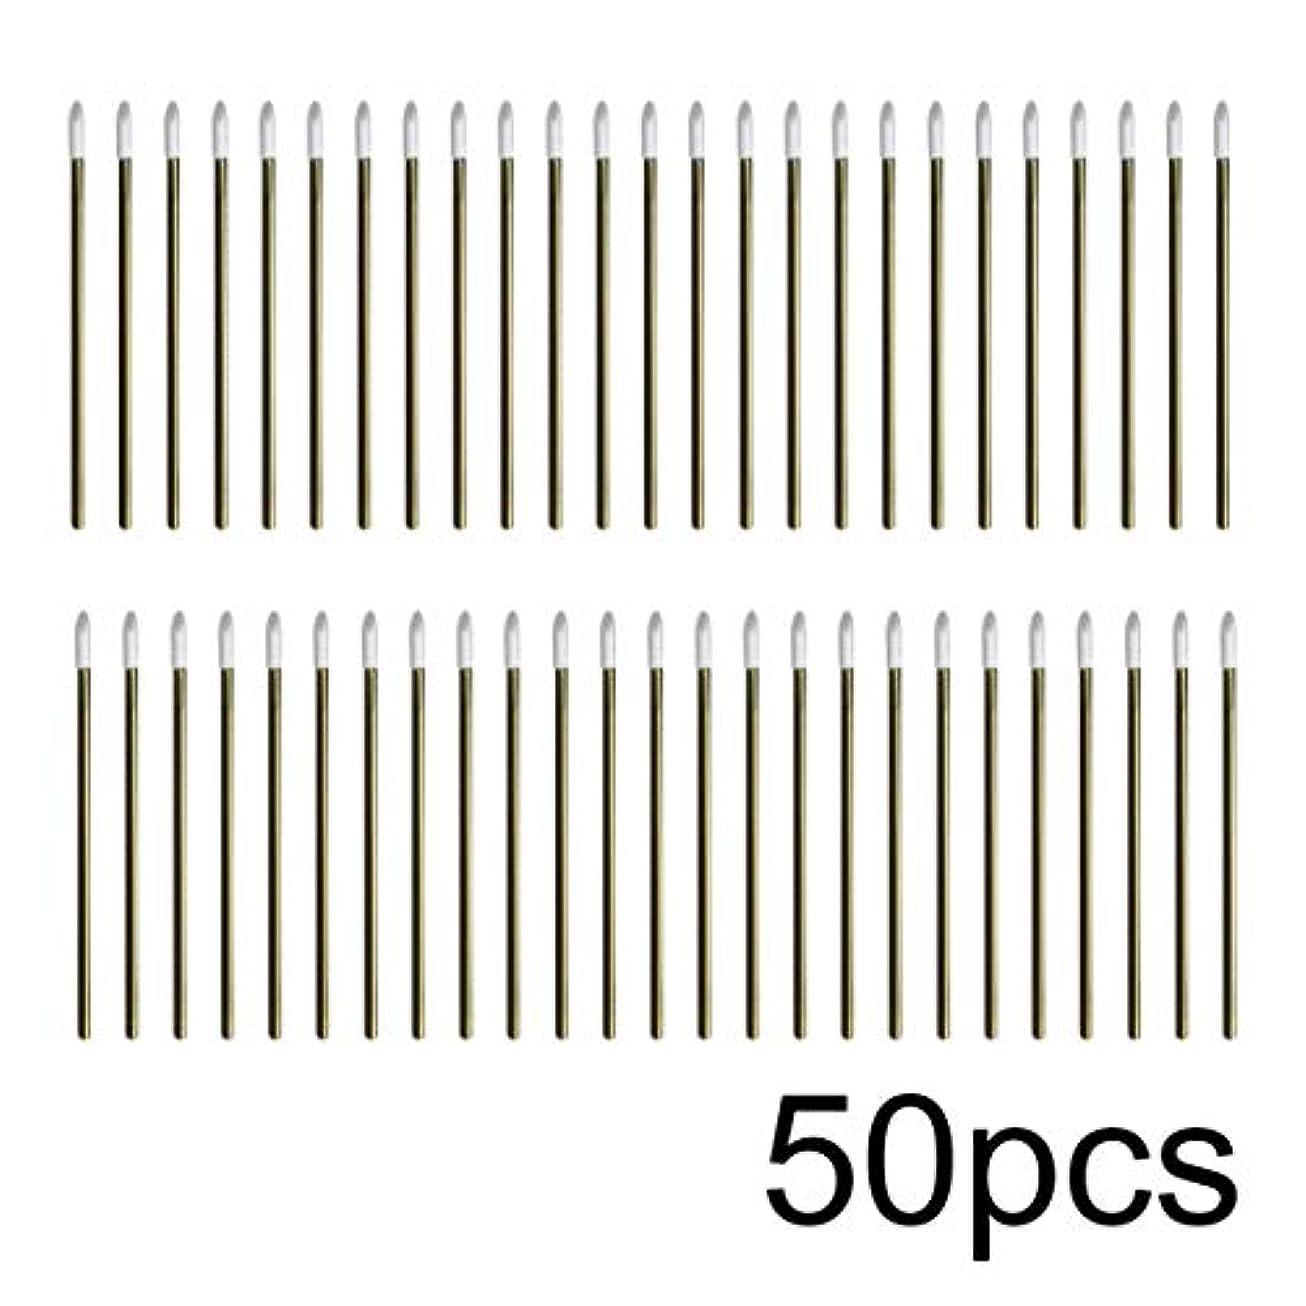 砂利ディレクトリ障害者Intercorey 50pcs / lotカラフルな使い捨てメイクリップブラシ口紅ペン化粧道具